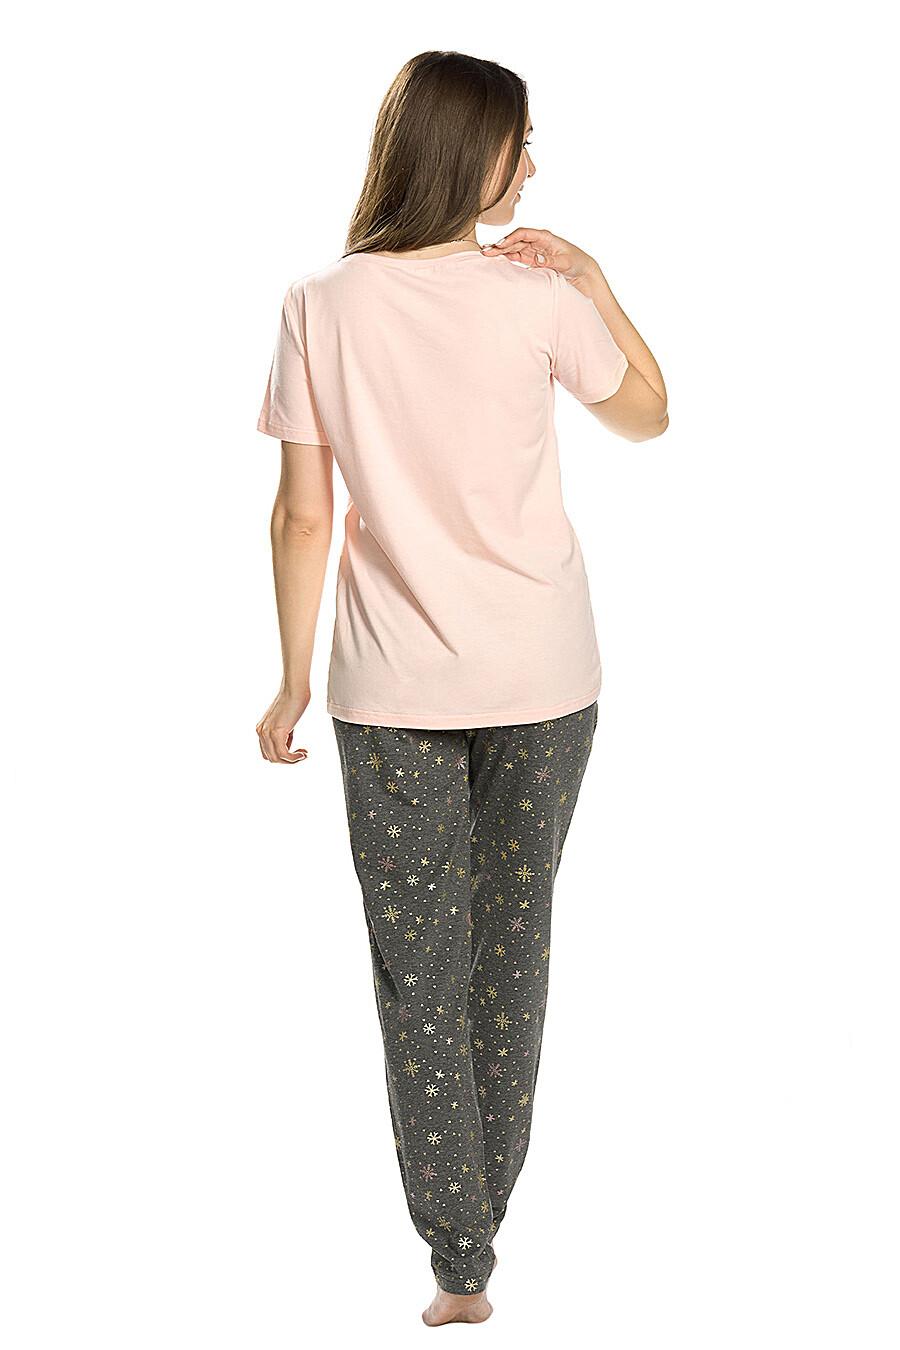 Комплект для женщин PELICAN 161463 купить оптом от производителя. Совместная покупка женской одежды в OptMoyo